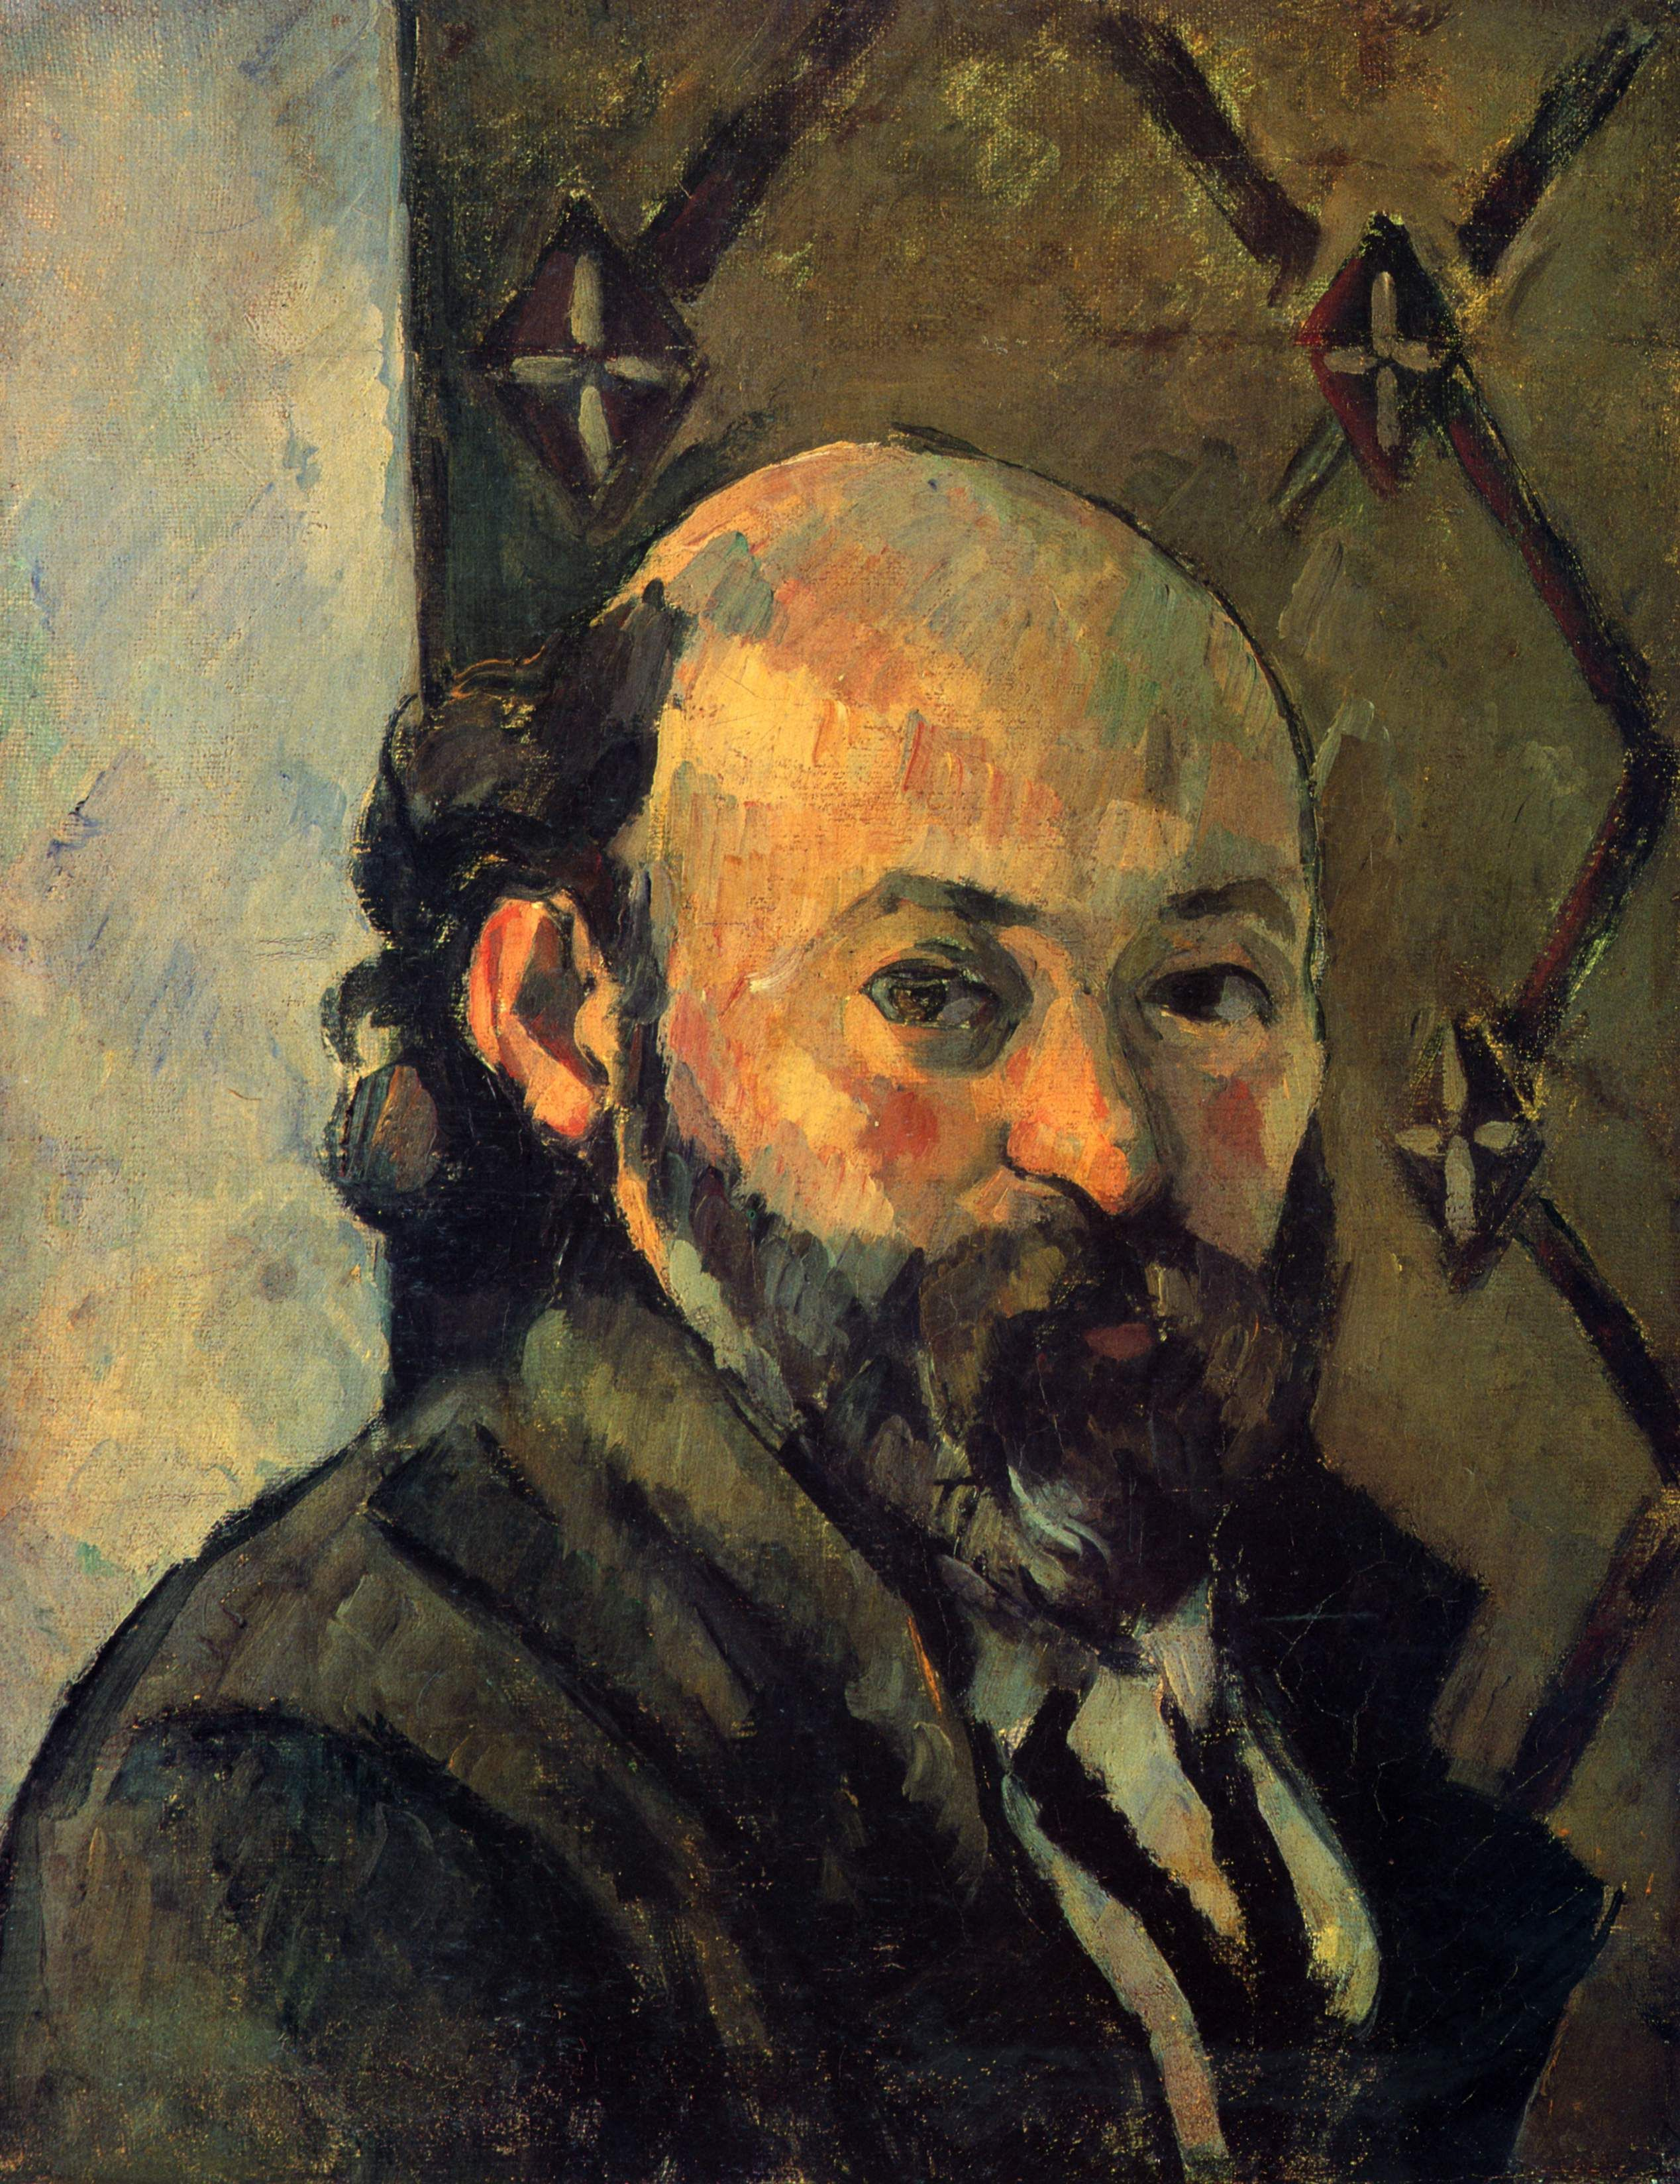 Paul Cezanne, karakteristika e pagjasshme e penelatës së mjeshtrit të post-impresionizmit